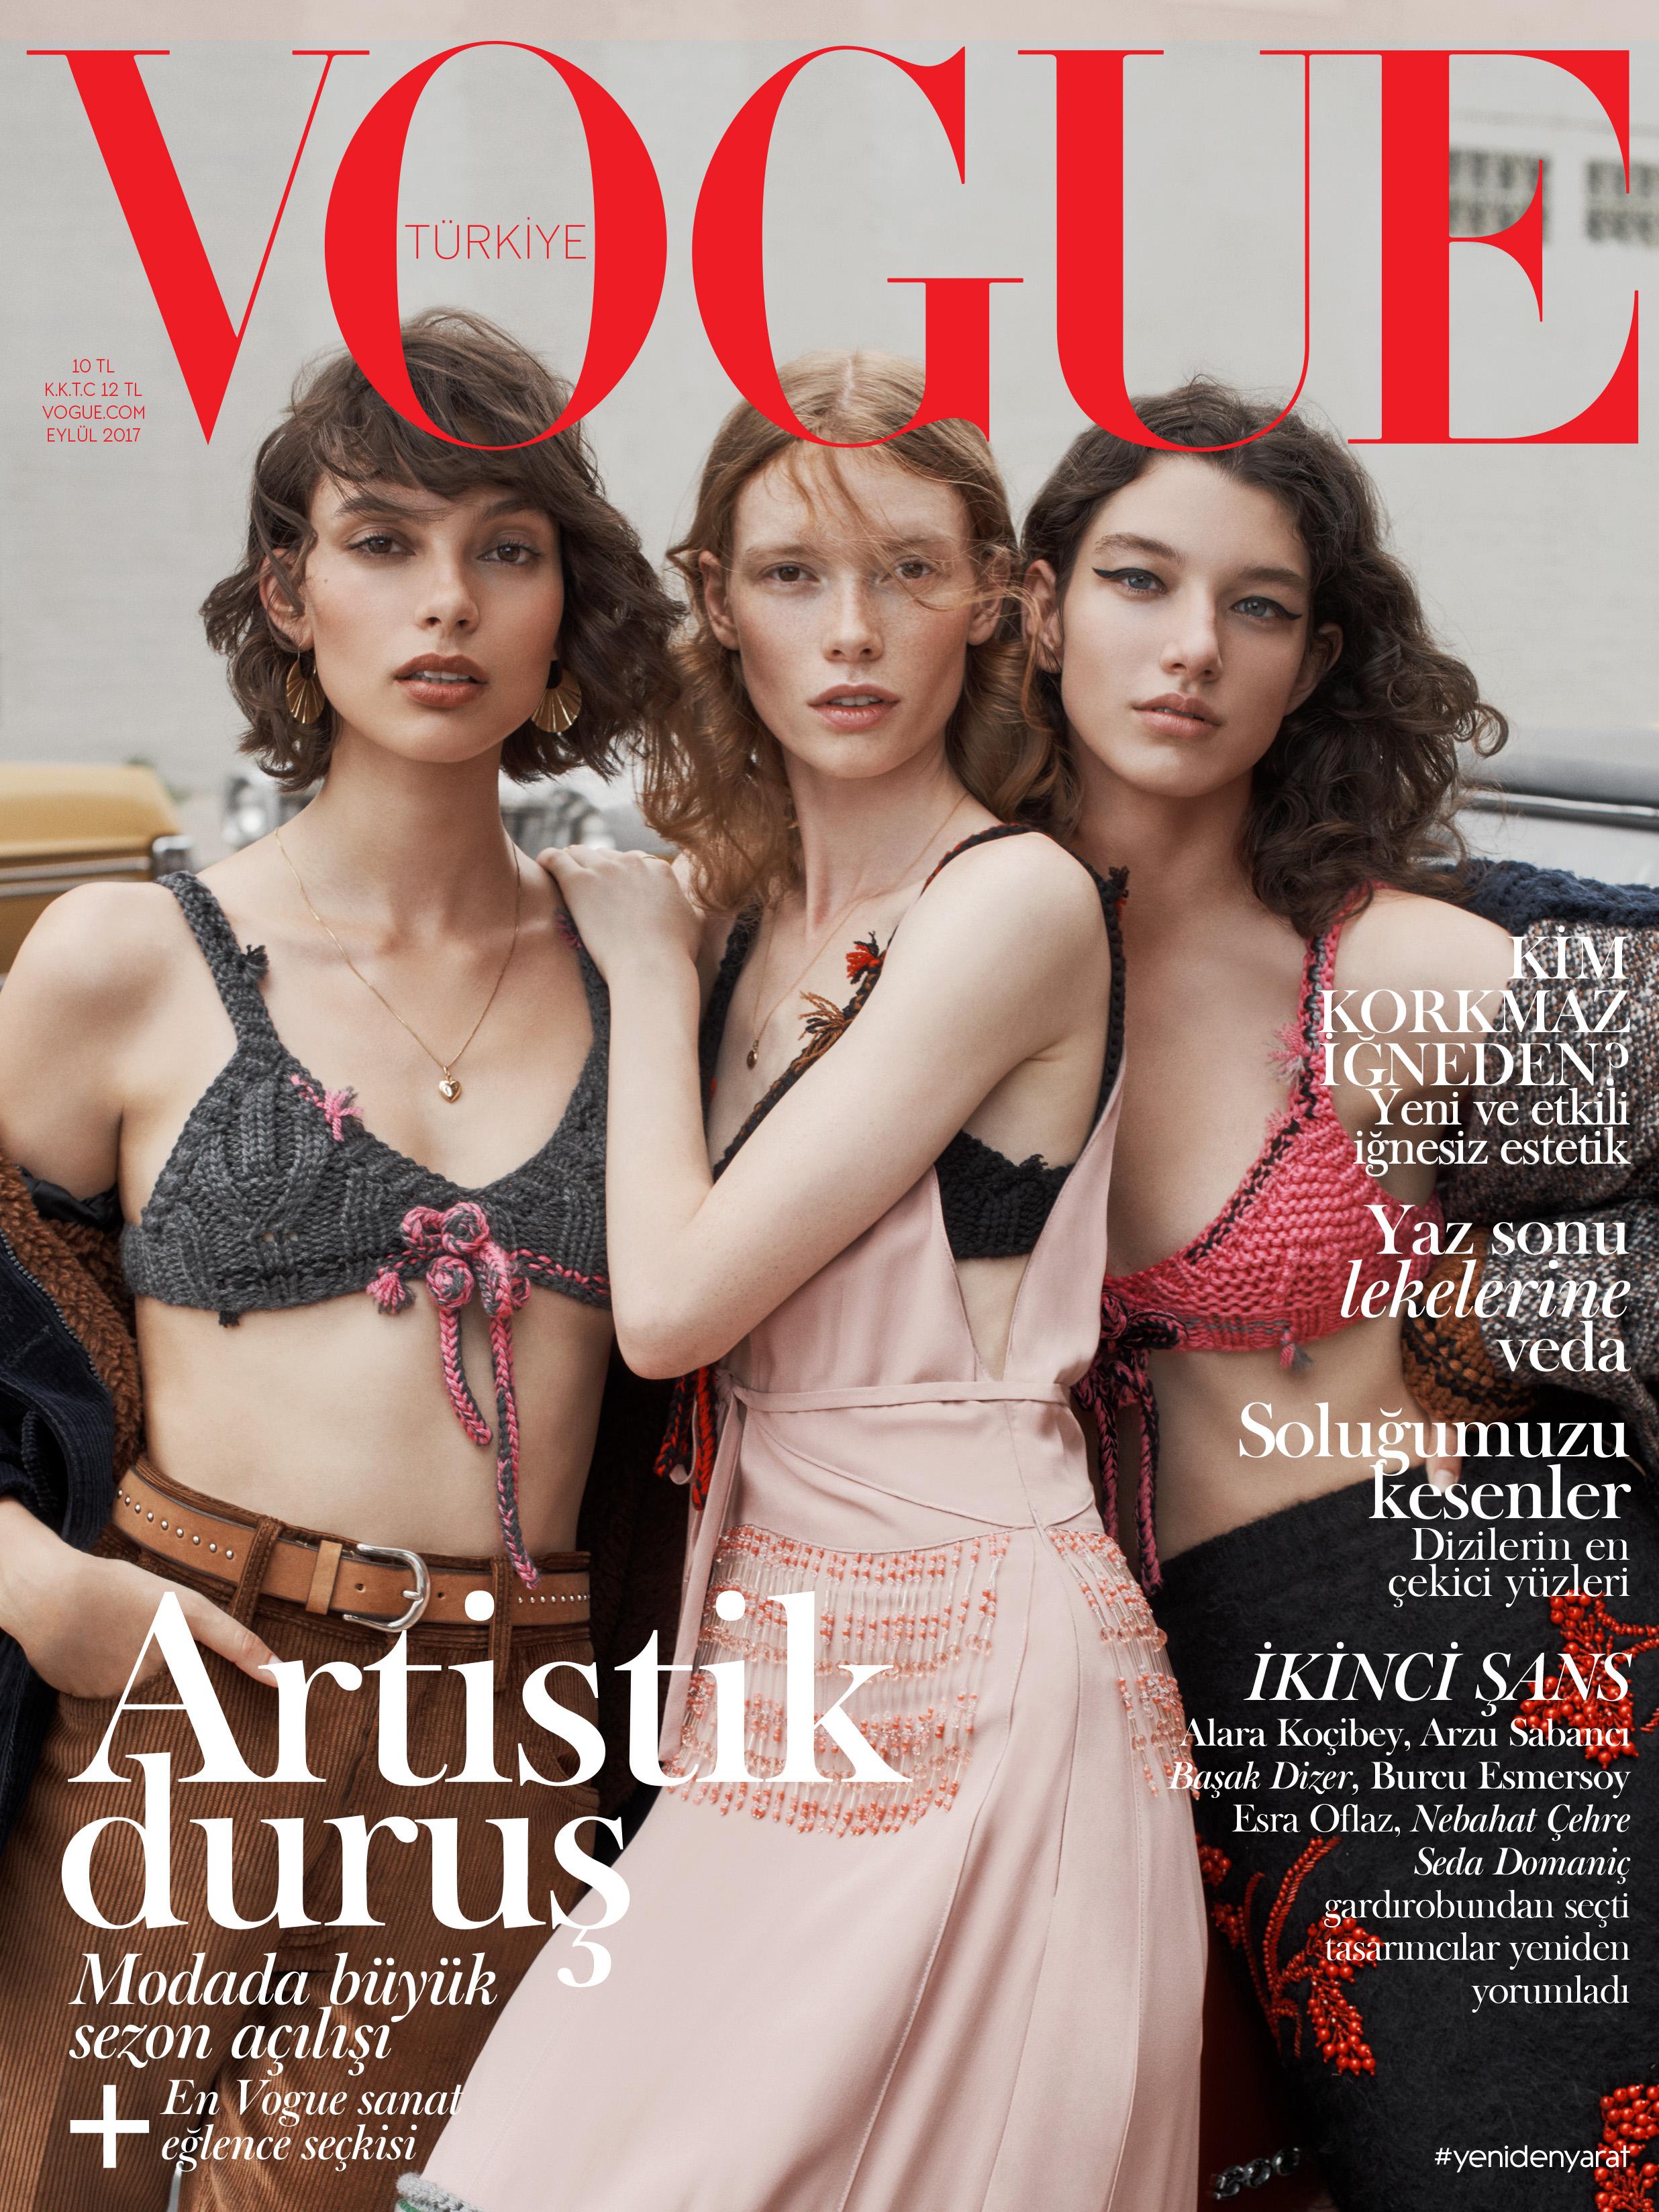 91_VogueEylulKapak_COVER_ADDITIONAL_v2.jpg